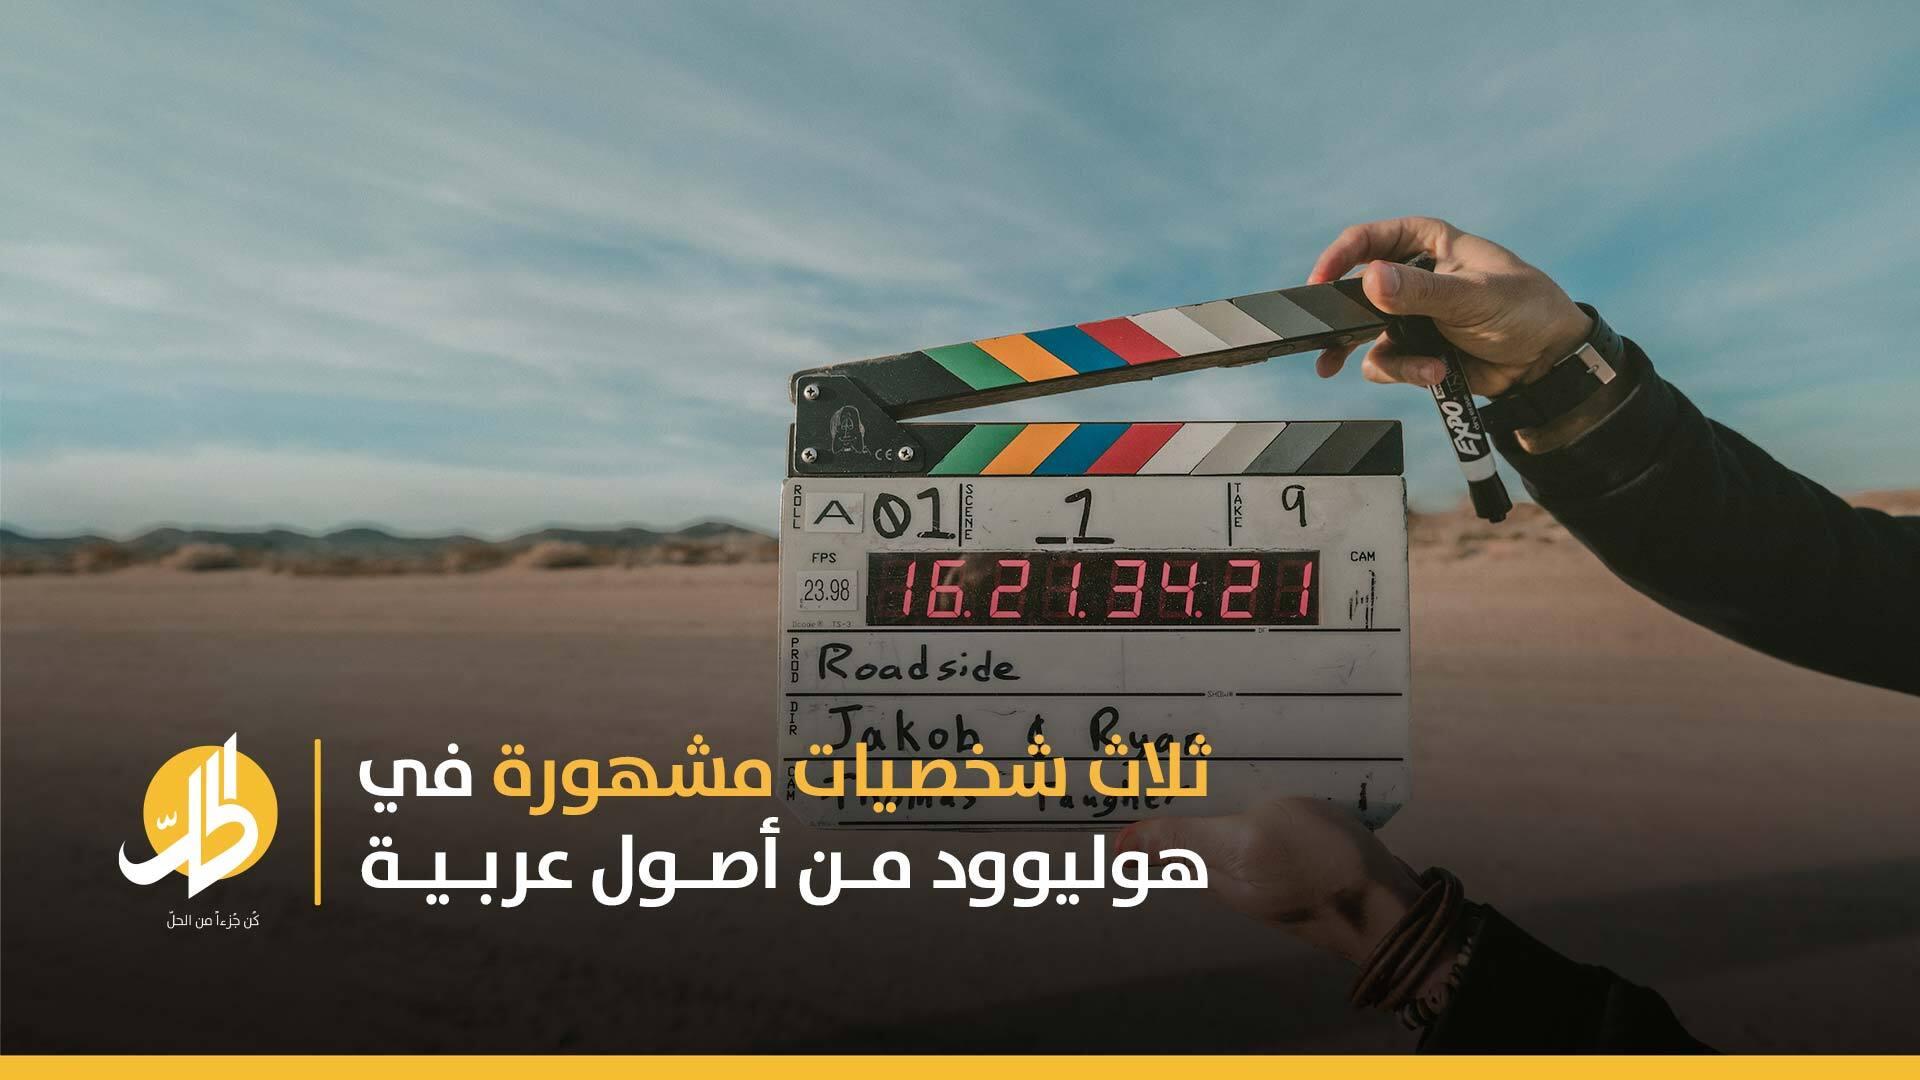 ثلاث شخصياتٍ مشهورة في هوليوود من أصولٍ عربية